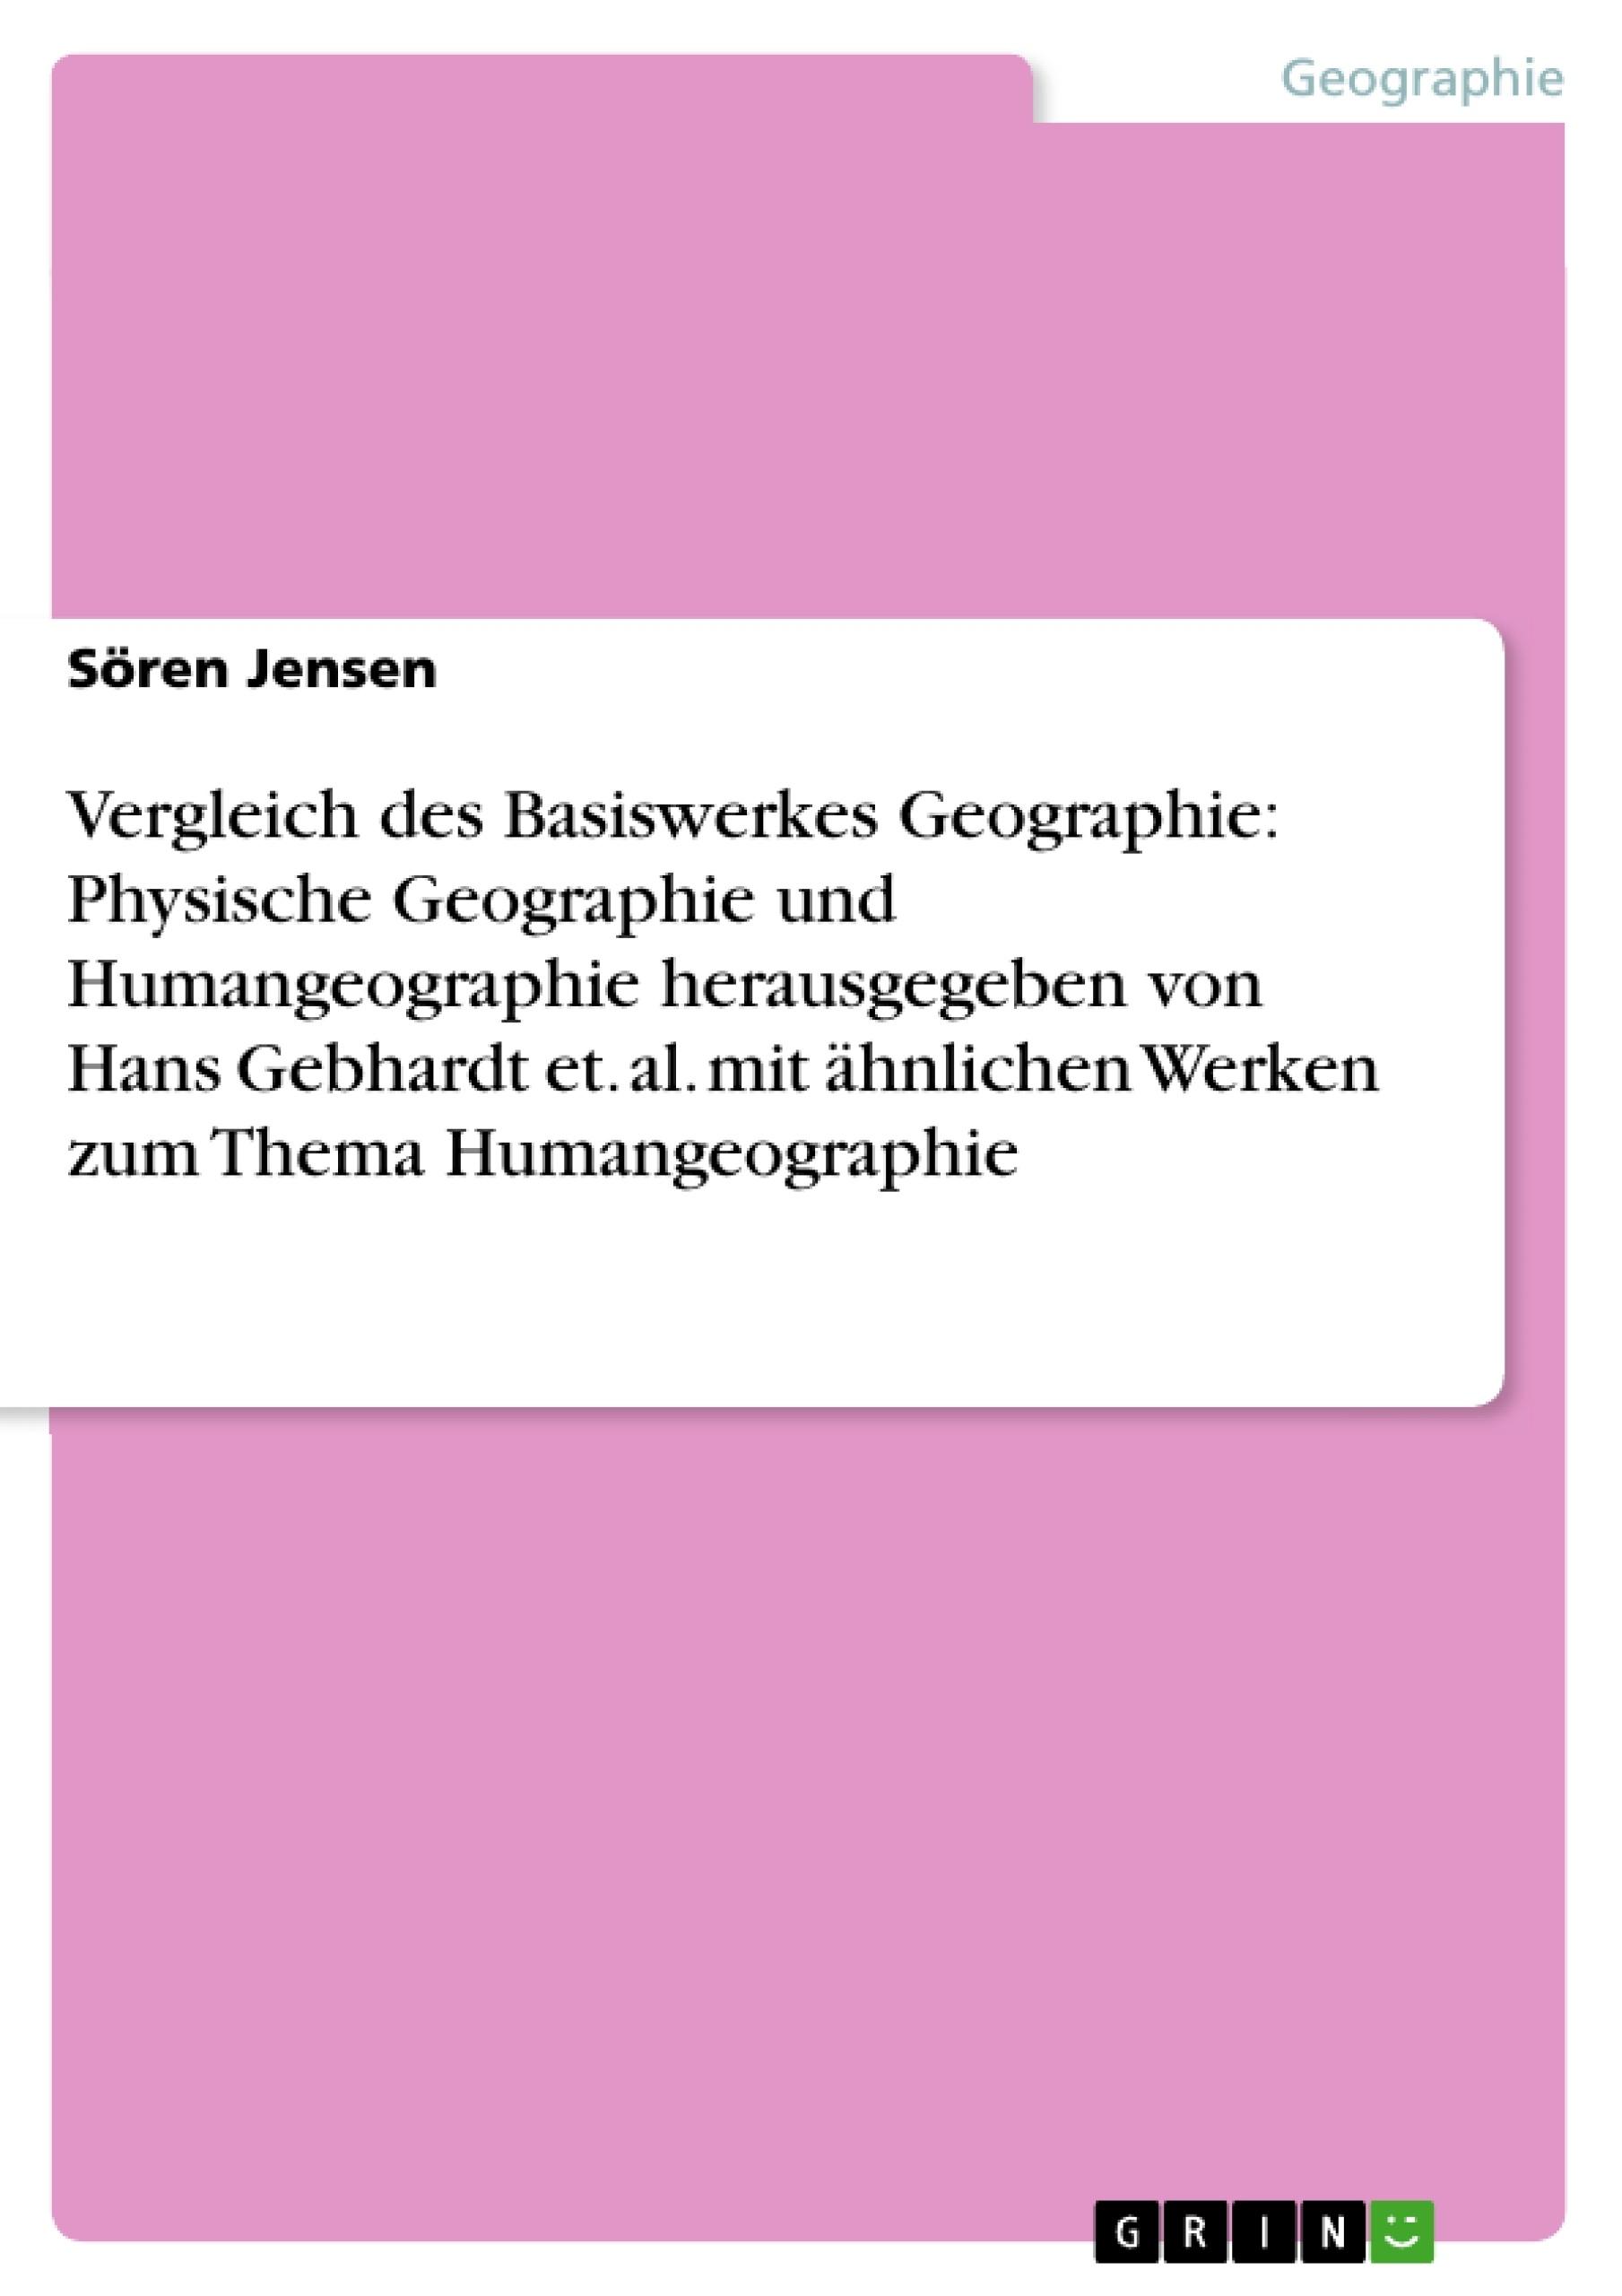 Titel: Vergleich des Basiswerkes Geographie: Physische Geographie und Humangeographie herausgegeben von Hans Gebhardt et. al. mit ähnlichen Werken zum Thema Humangeographie